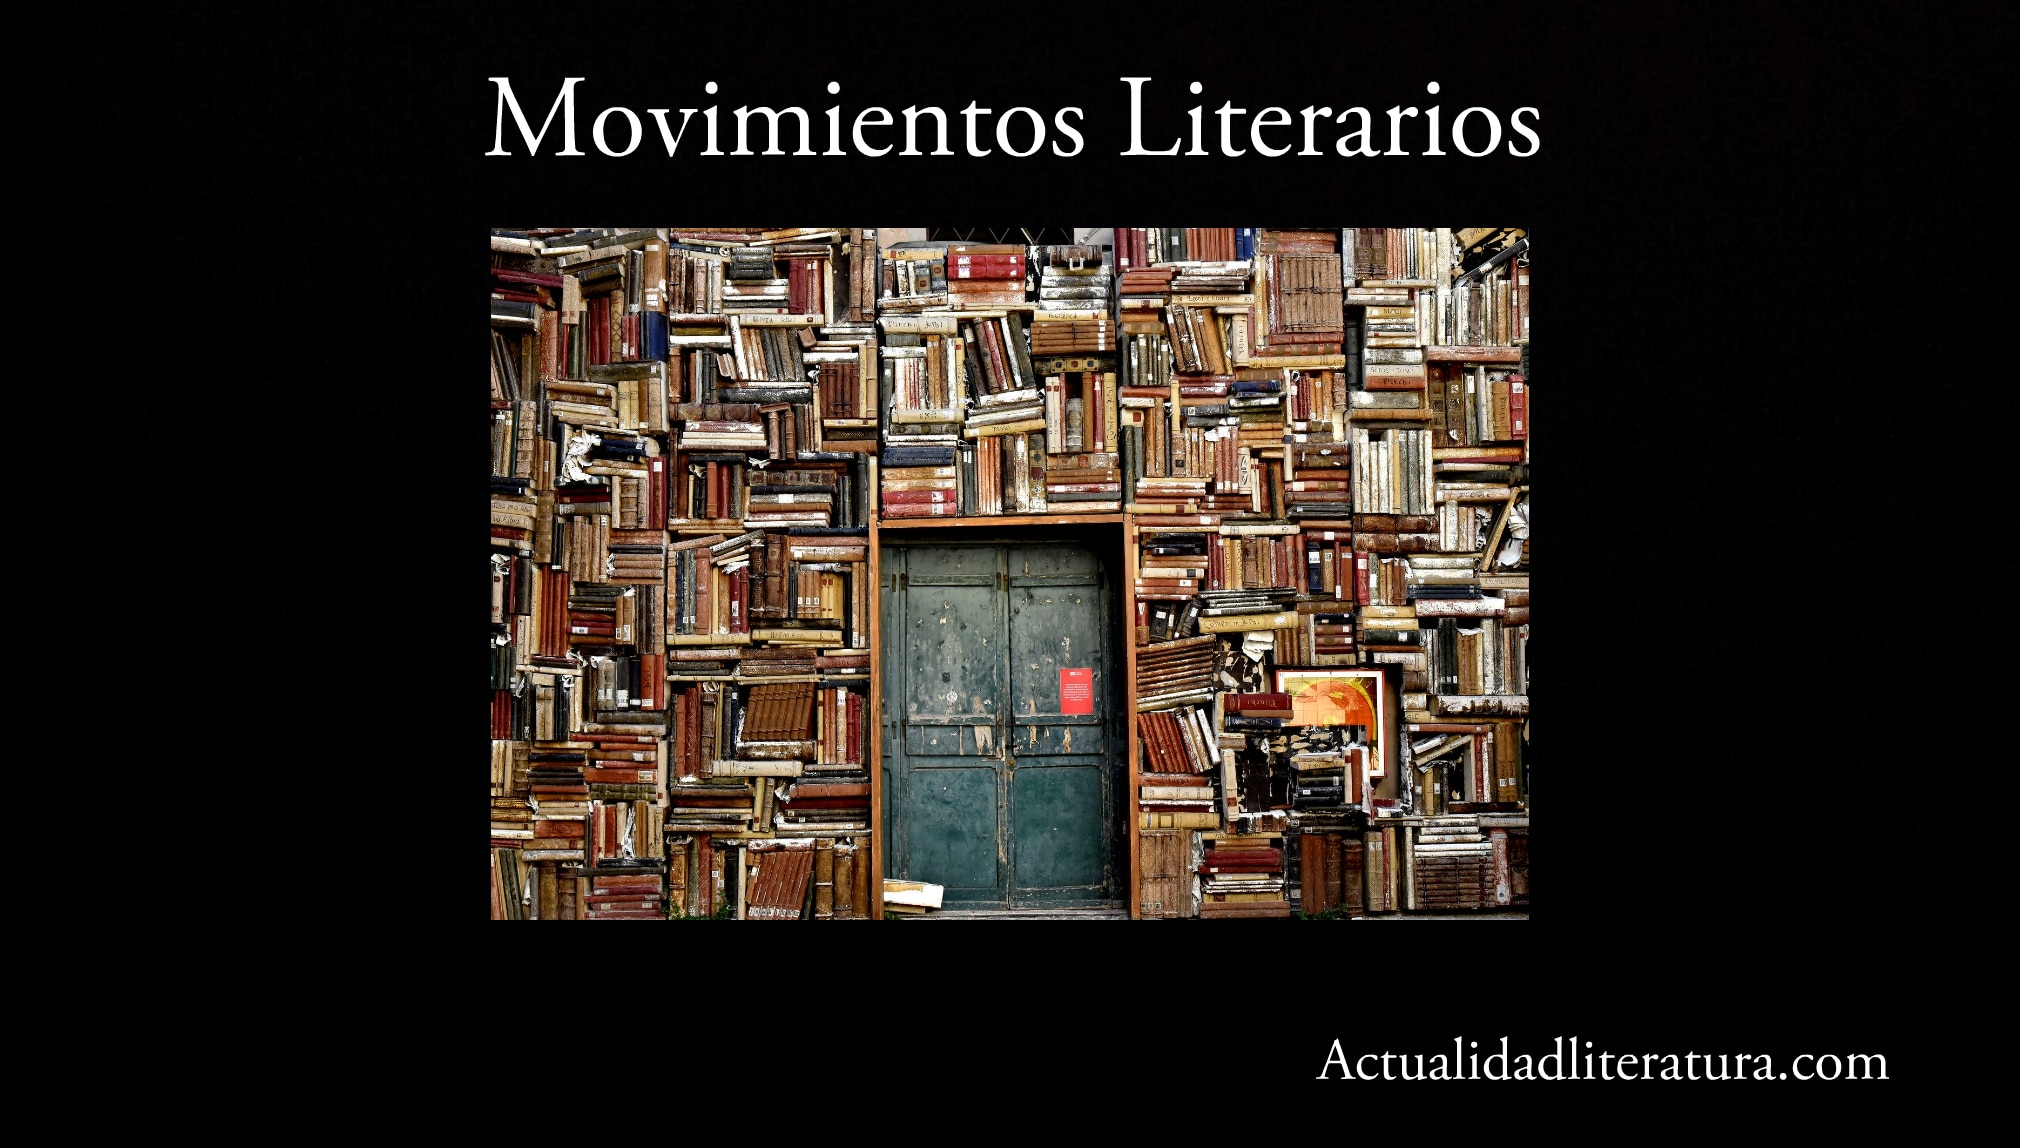 Movimientos Literarios.